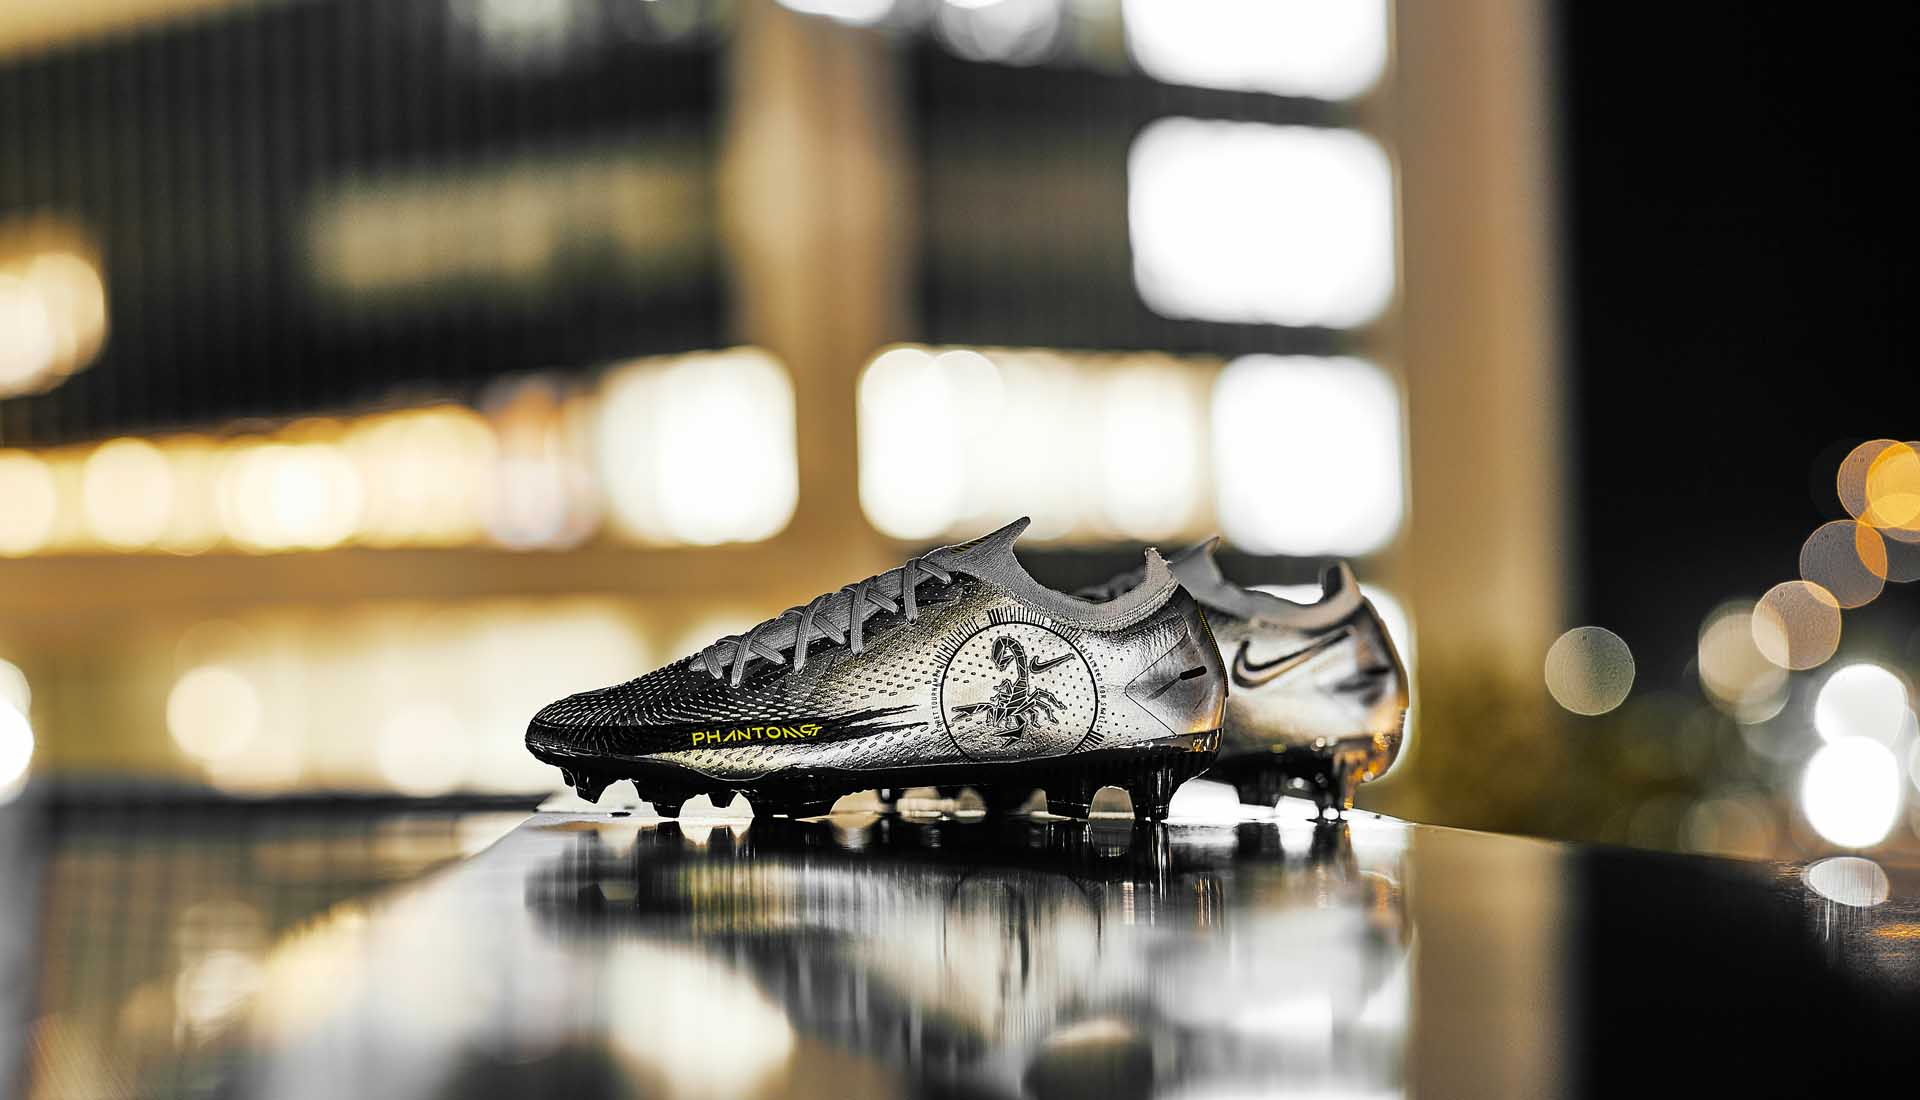 Nike Phantom GT màu bạc Scorpion với thiết kế đẹp mắt và độc đáo